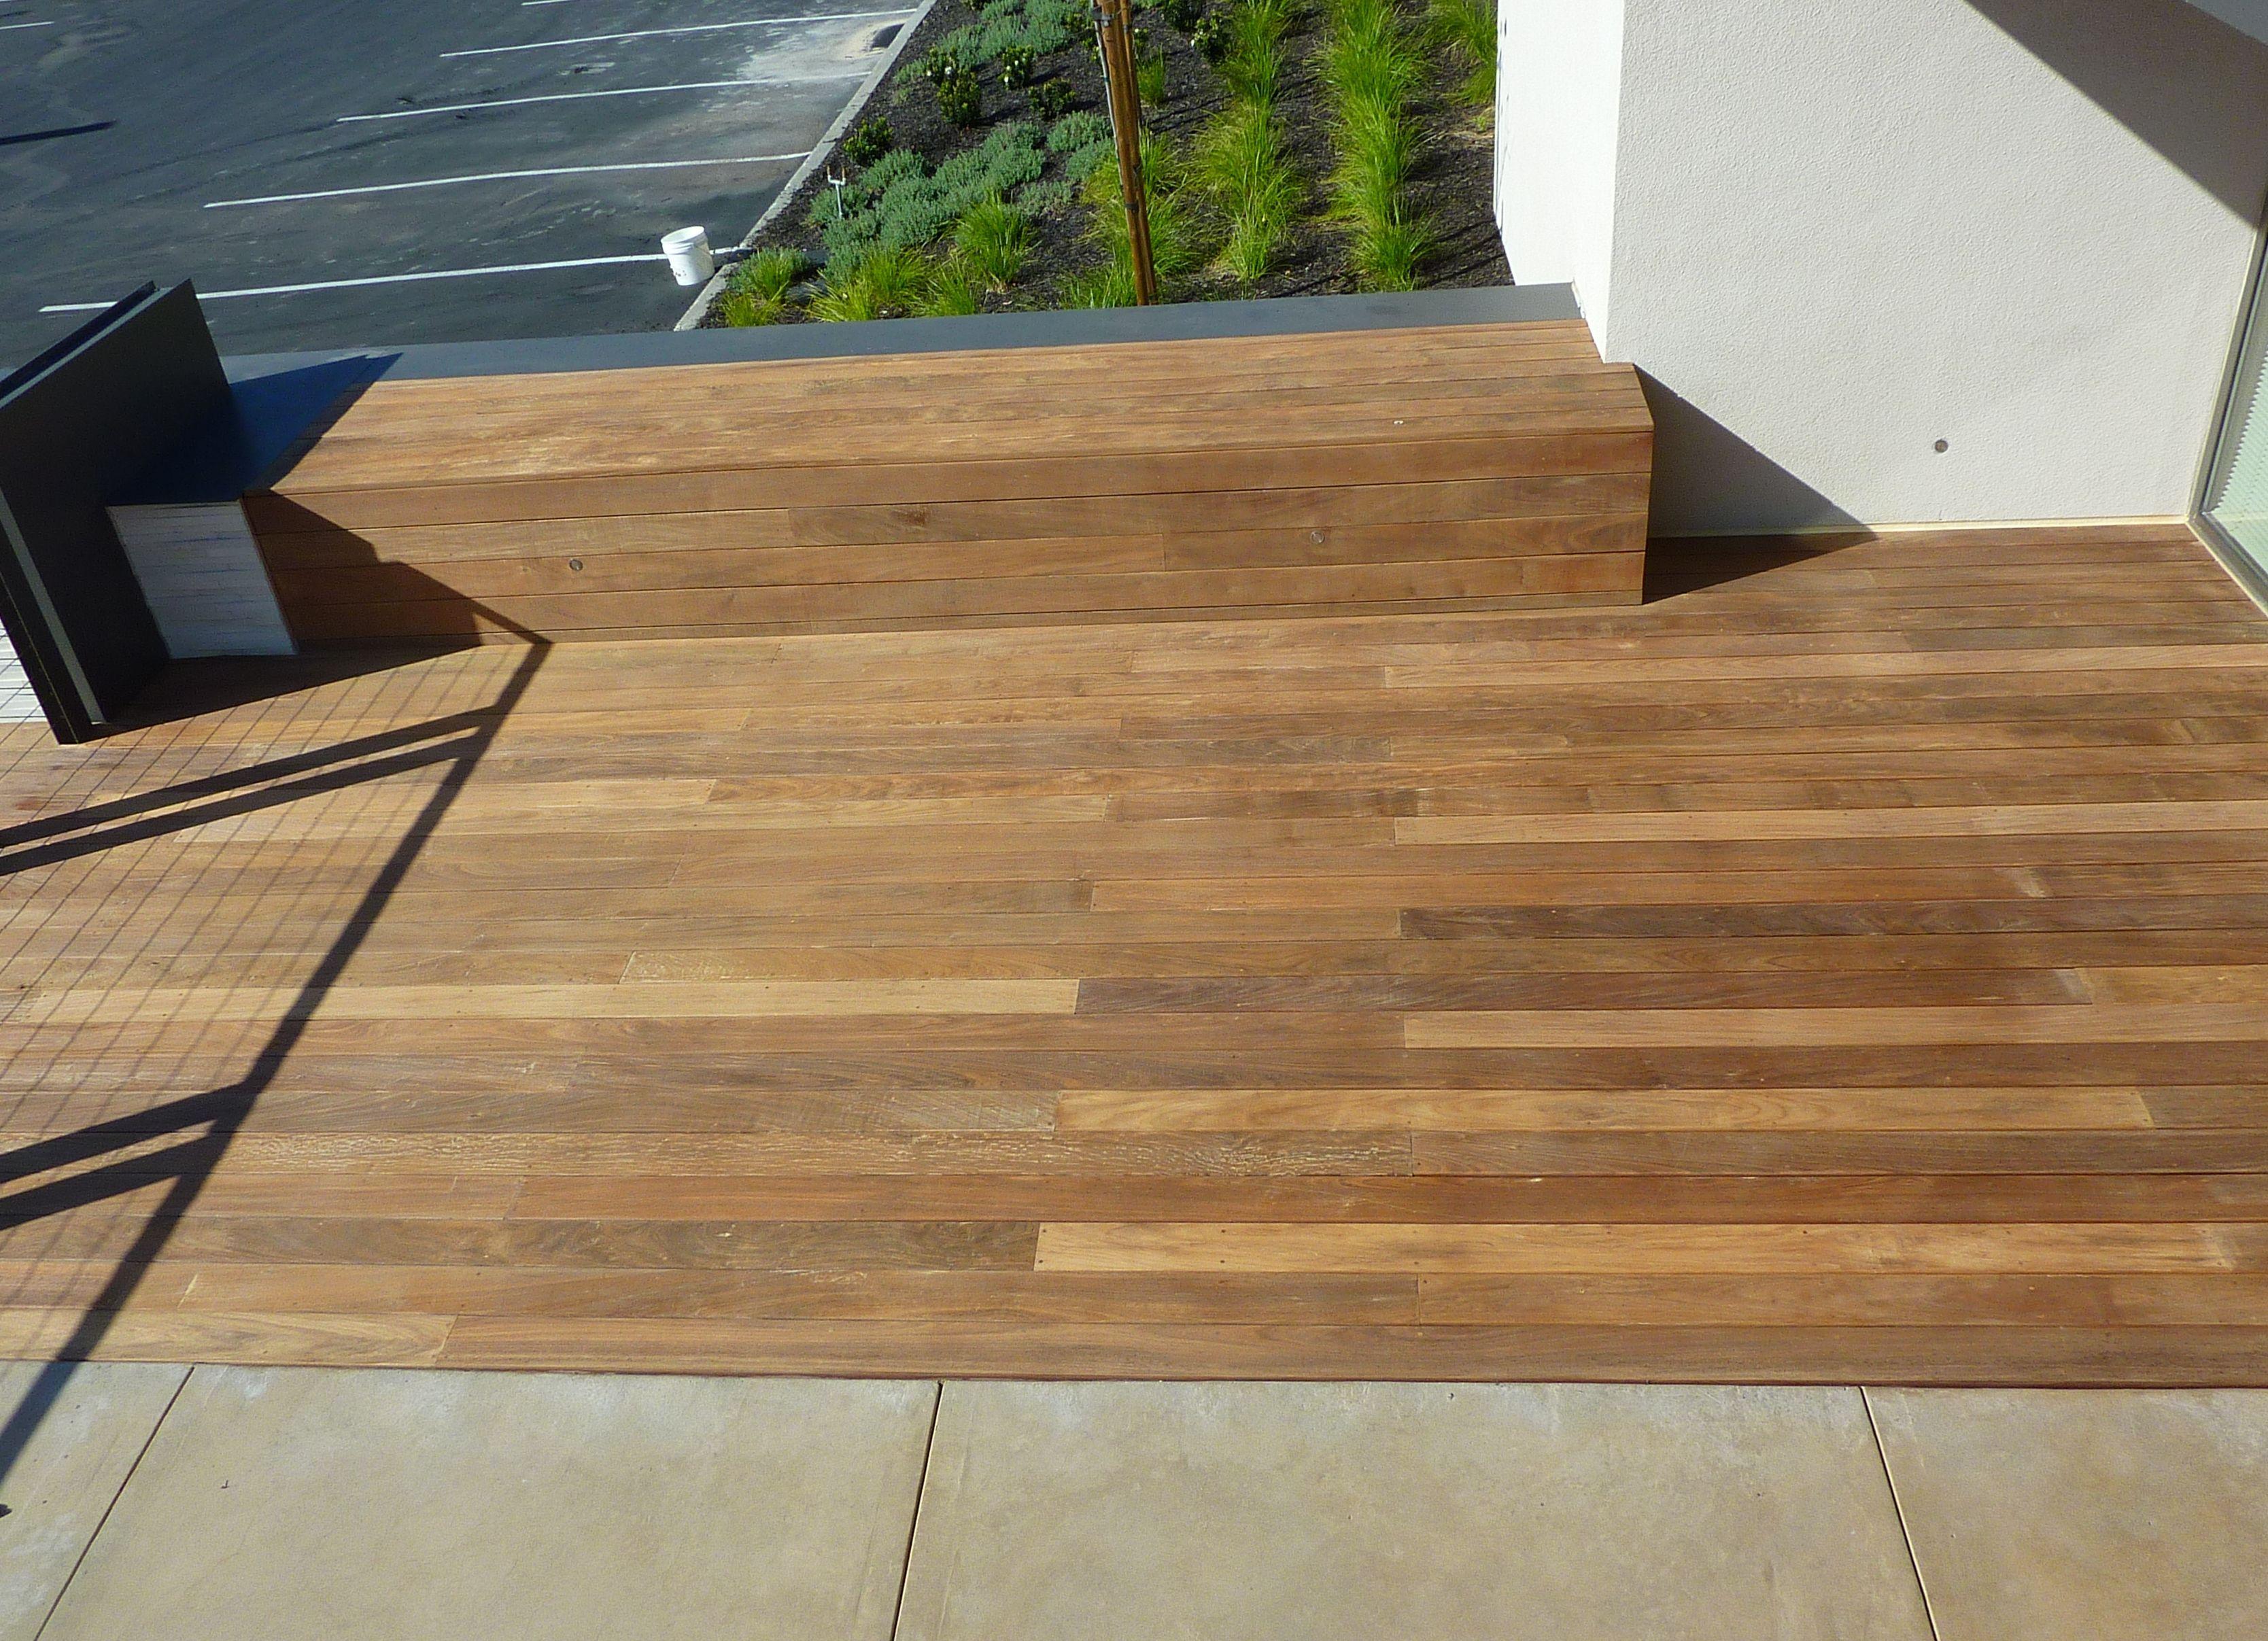 Medium Crop Of Sanding A Deck